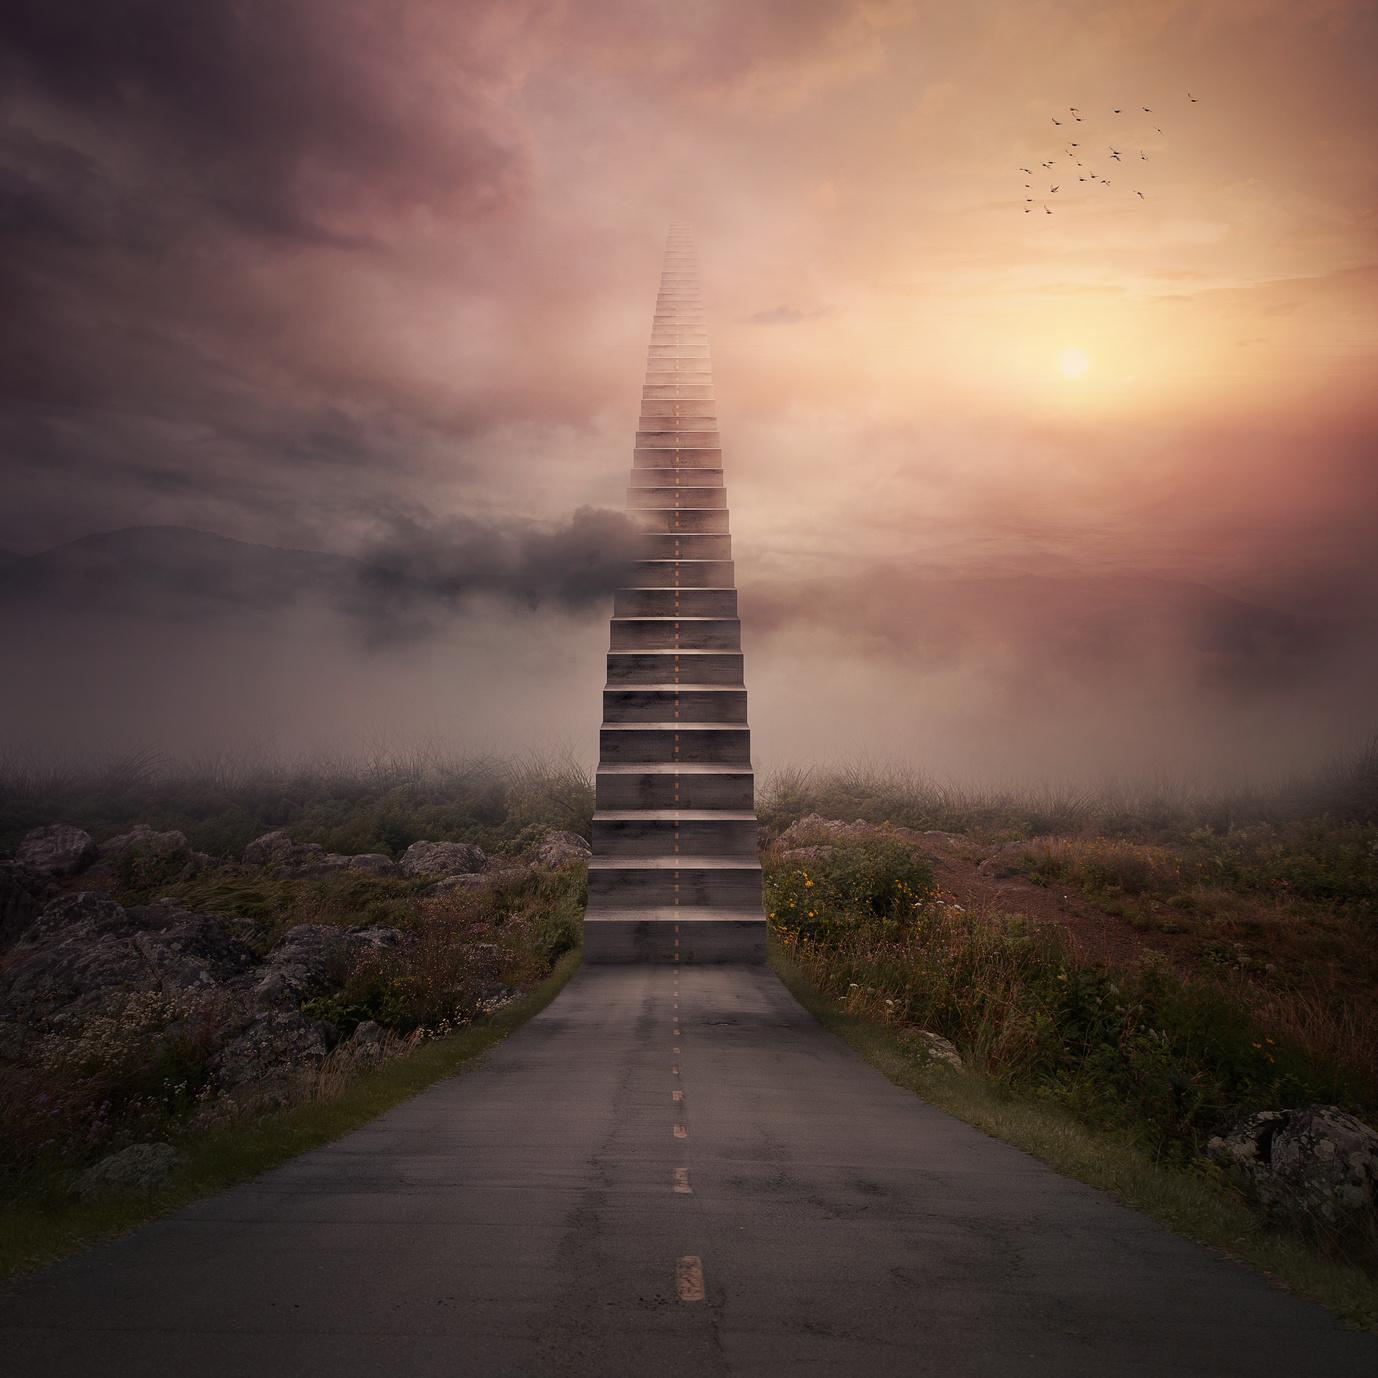 Andbank_imagen_escalera_hacia_el_cielo